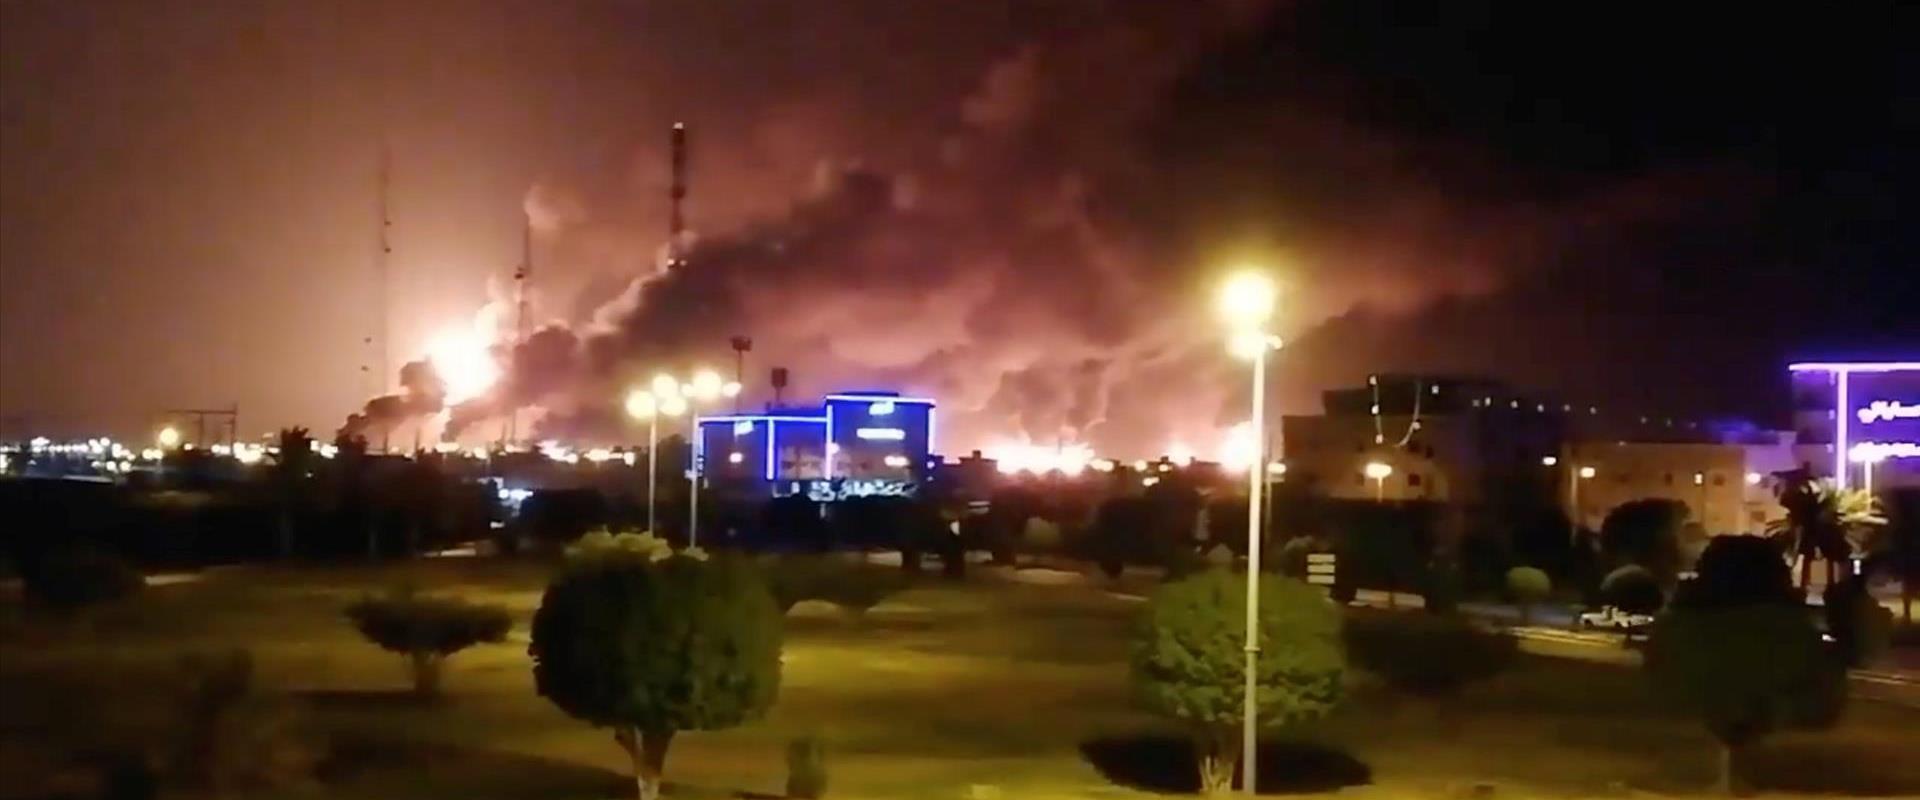 השריפה שפרצה במכל נפט סעודי ב-14 בספטמבר